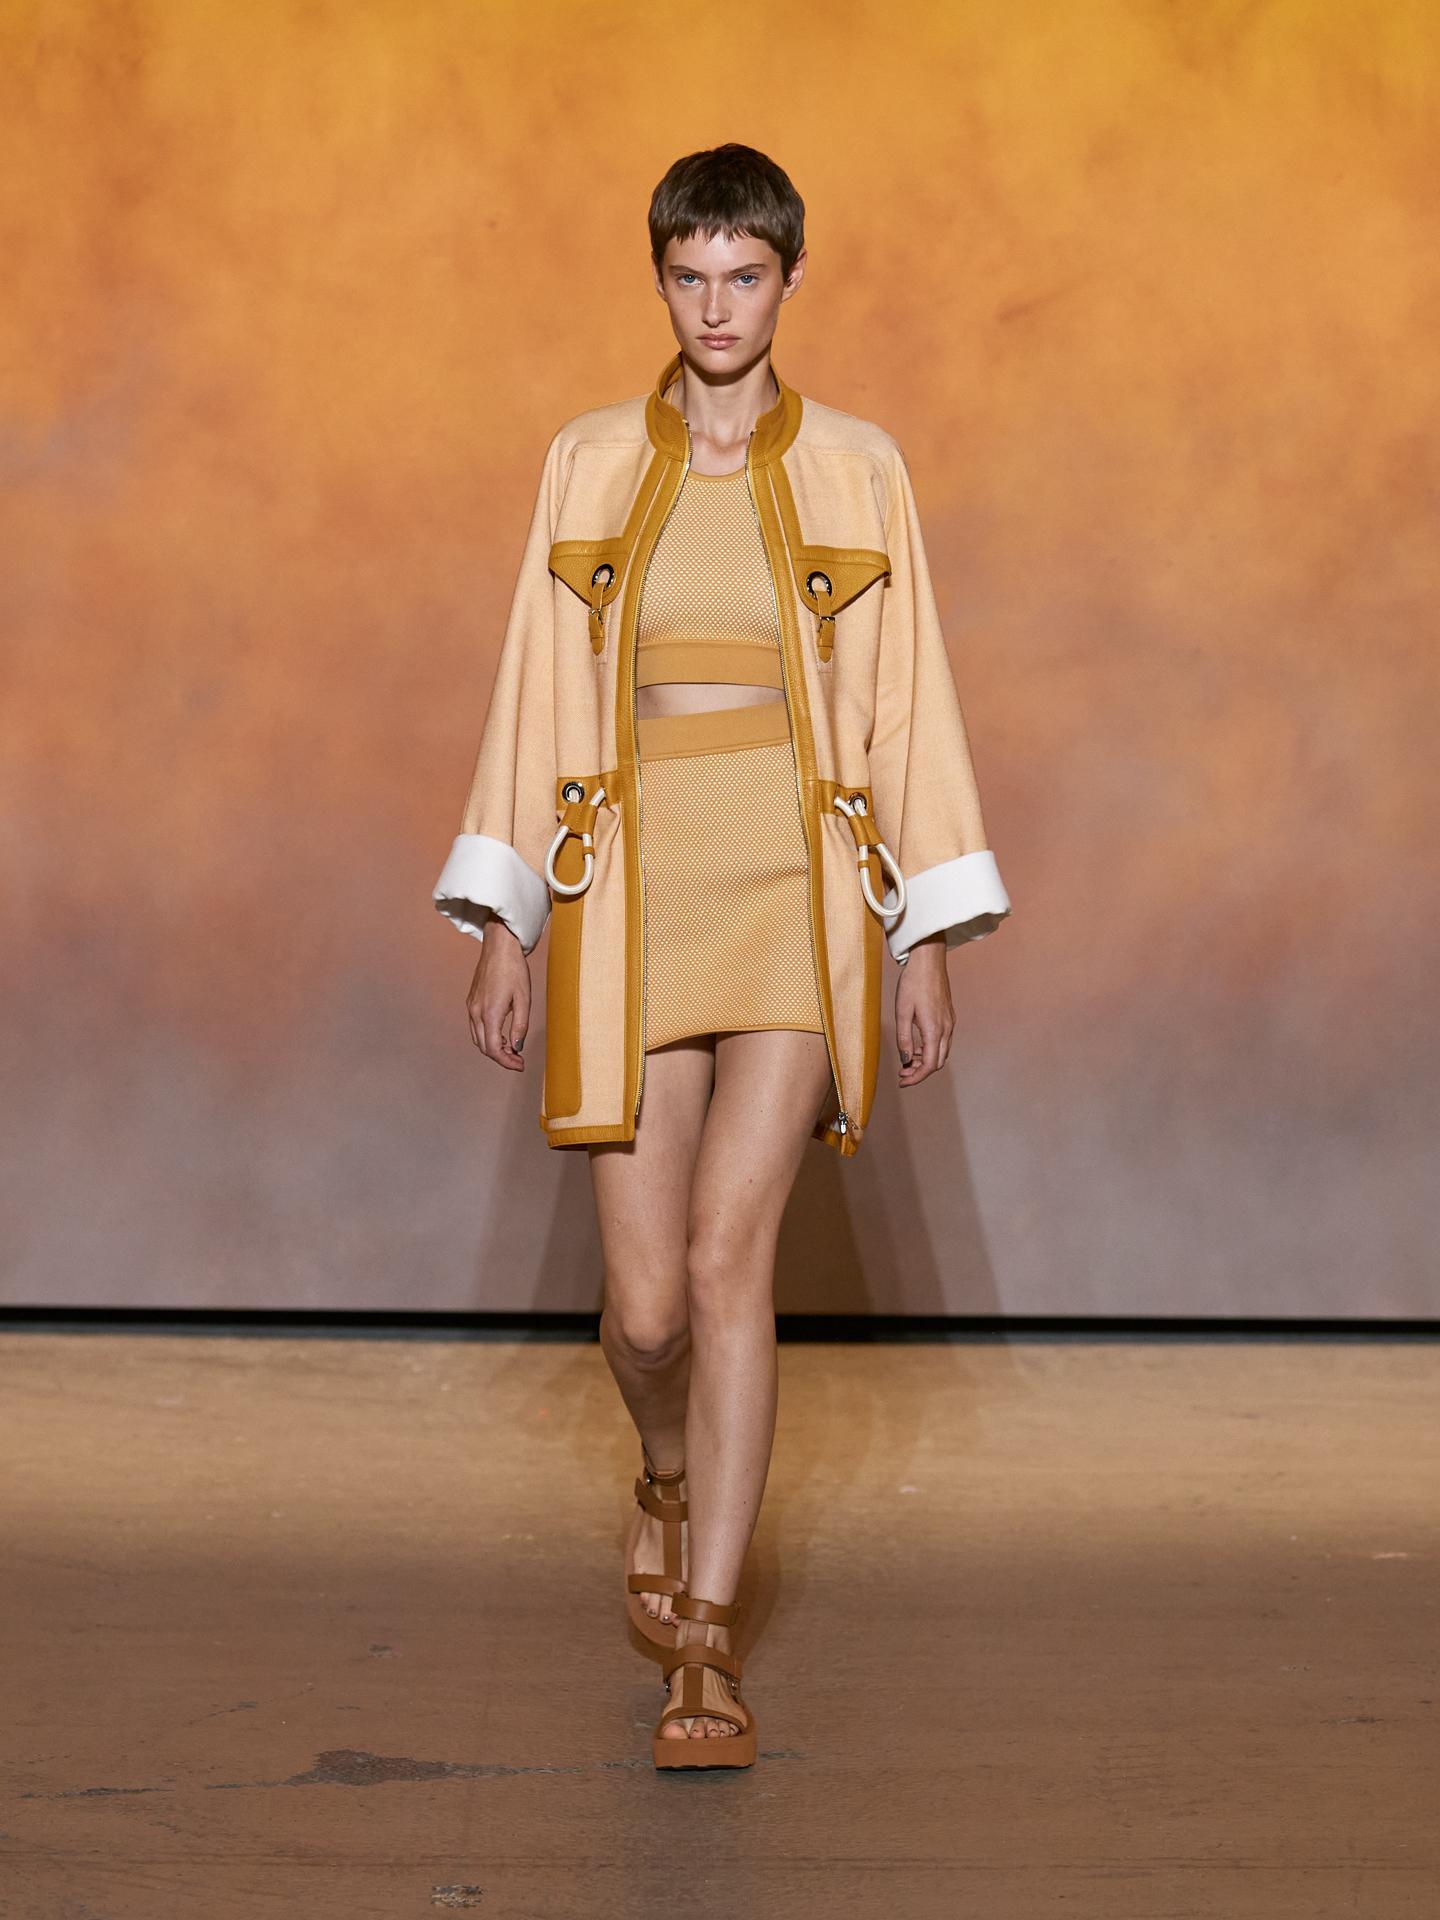 Khoen của dòng túi Mangeoire và chất liệu da cừu được lồng ghép trên áo khoác. Mini skirt và crop-top ứng dụng kỹ thuật đan lưới 3D, đồng điệu với tổng thể trang phục.